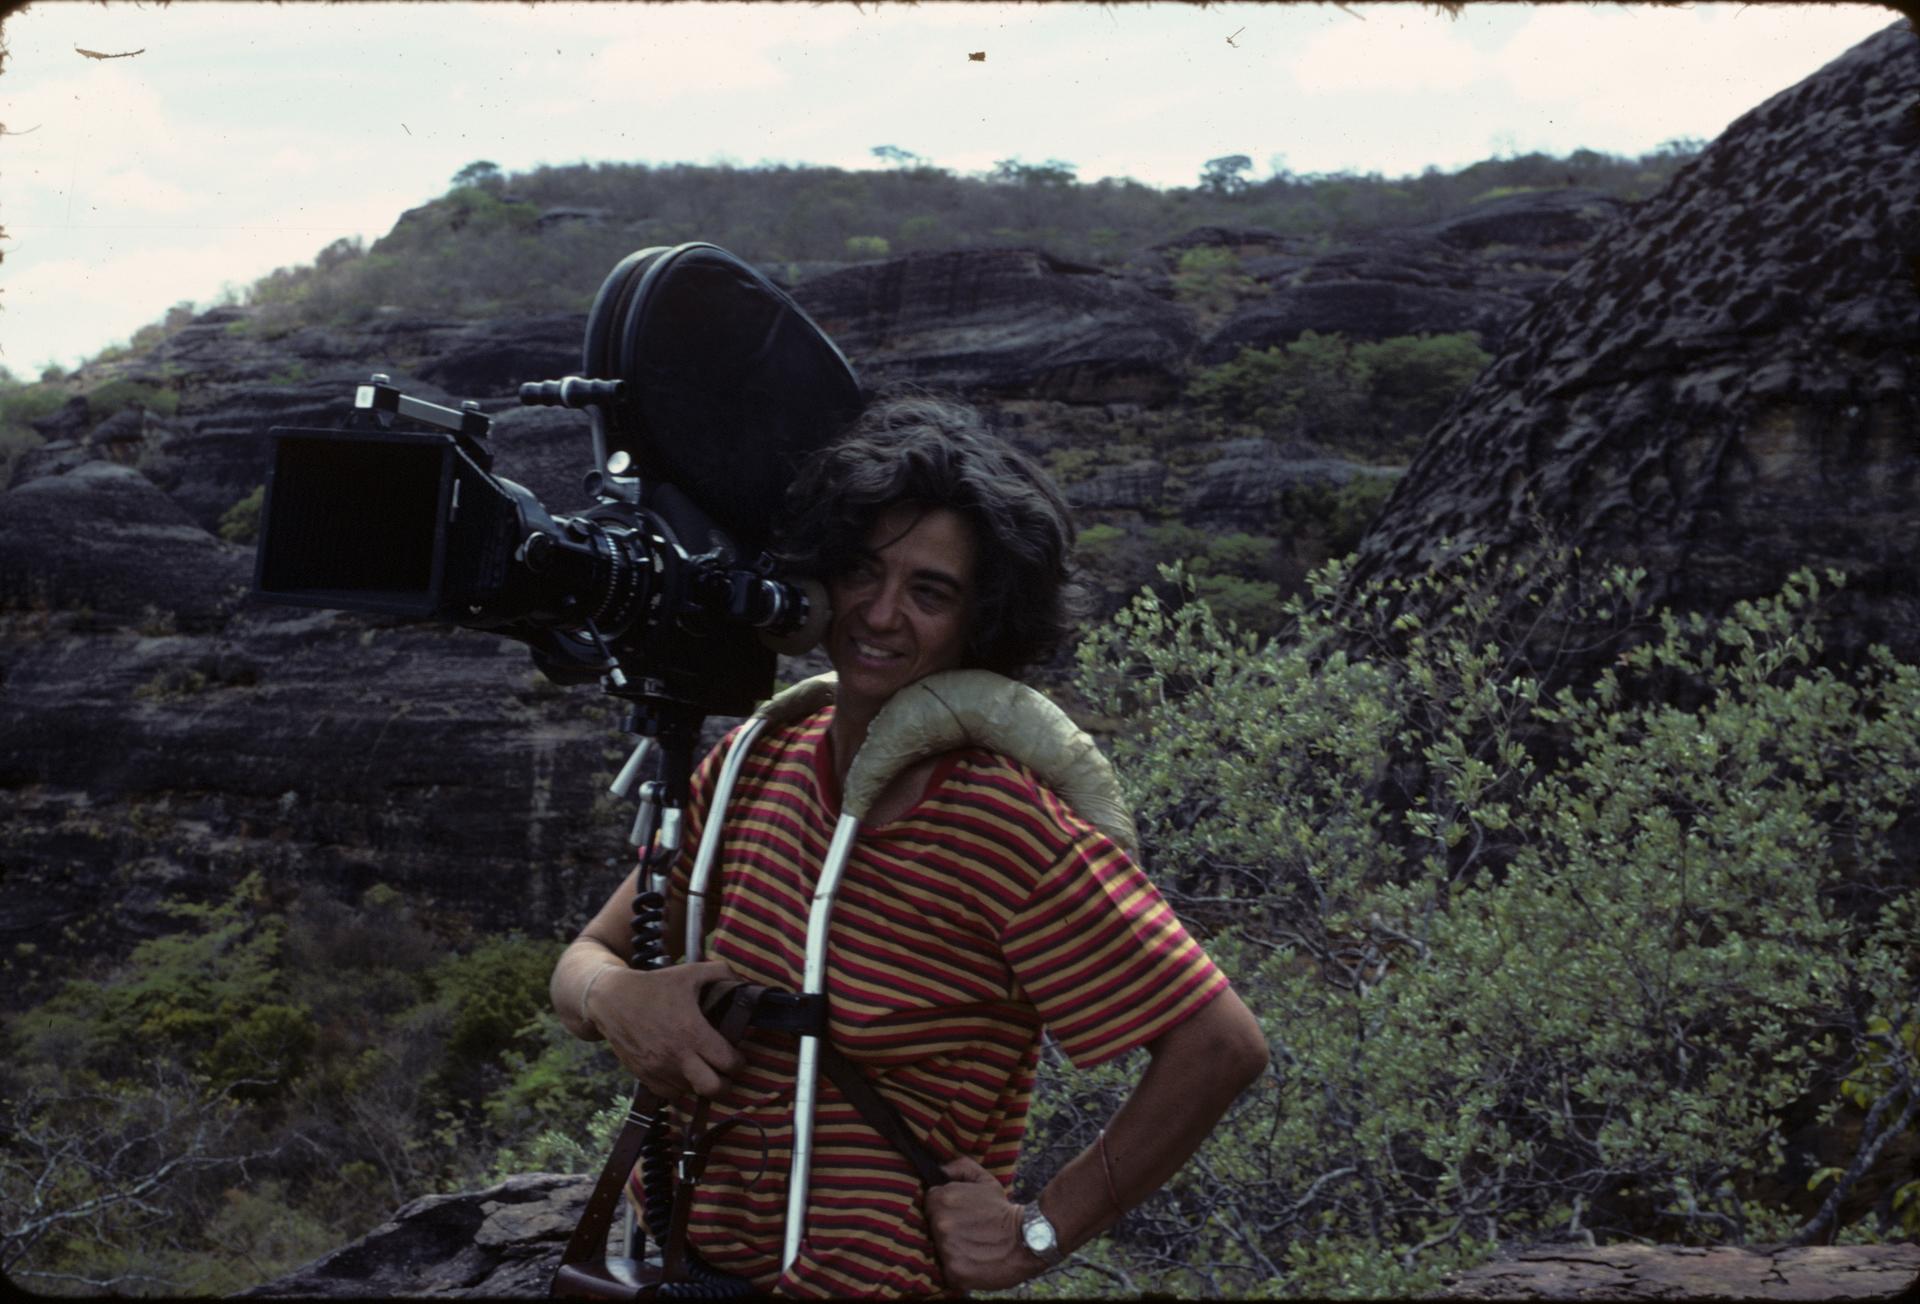 arqueóloga em campo escavando com uma câmera na mão